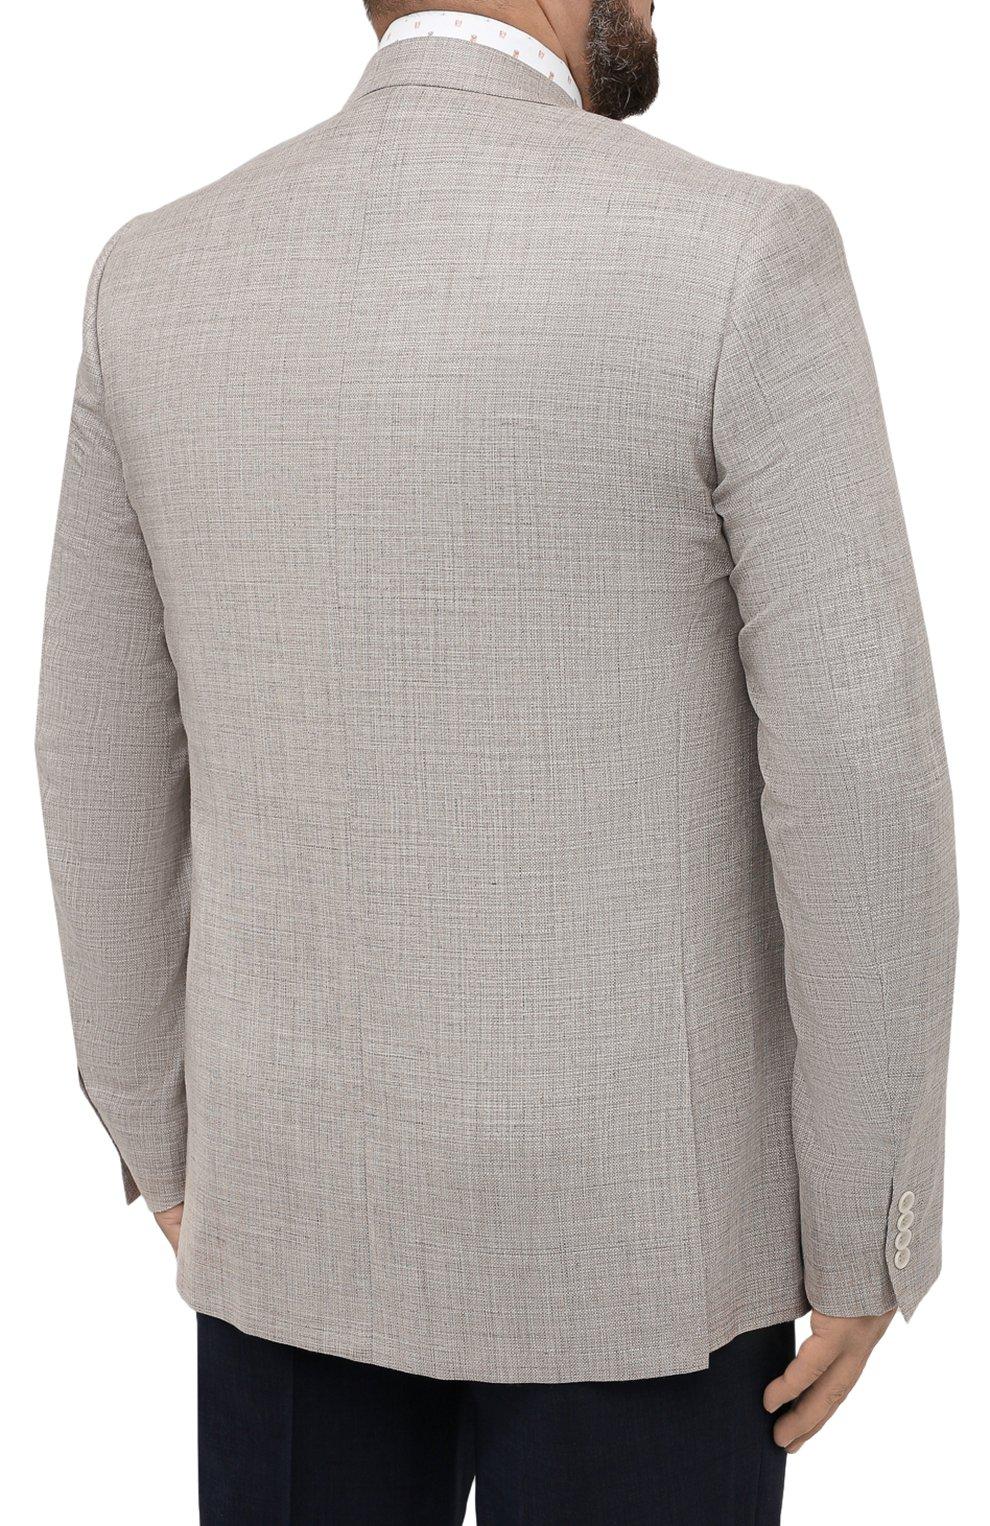 Мужской пиджак из шерсти и шелка CANALI бежевого цвета, арт. 21280/CU00383/60-64 | Фото 4